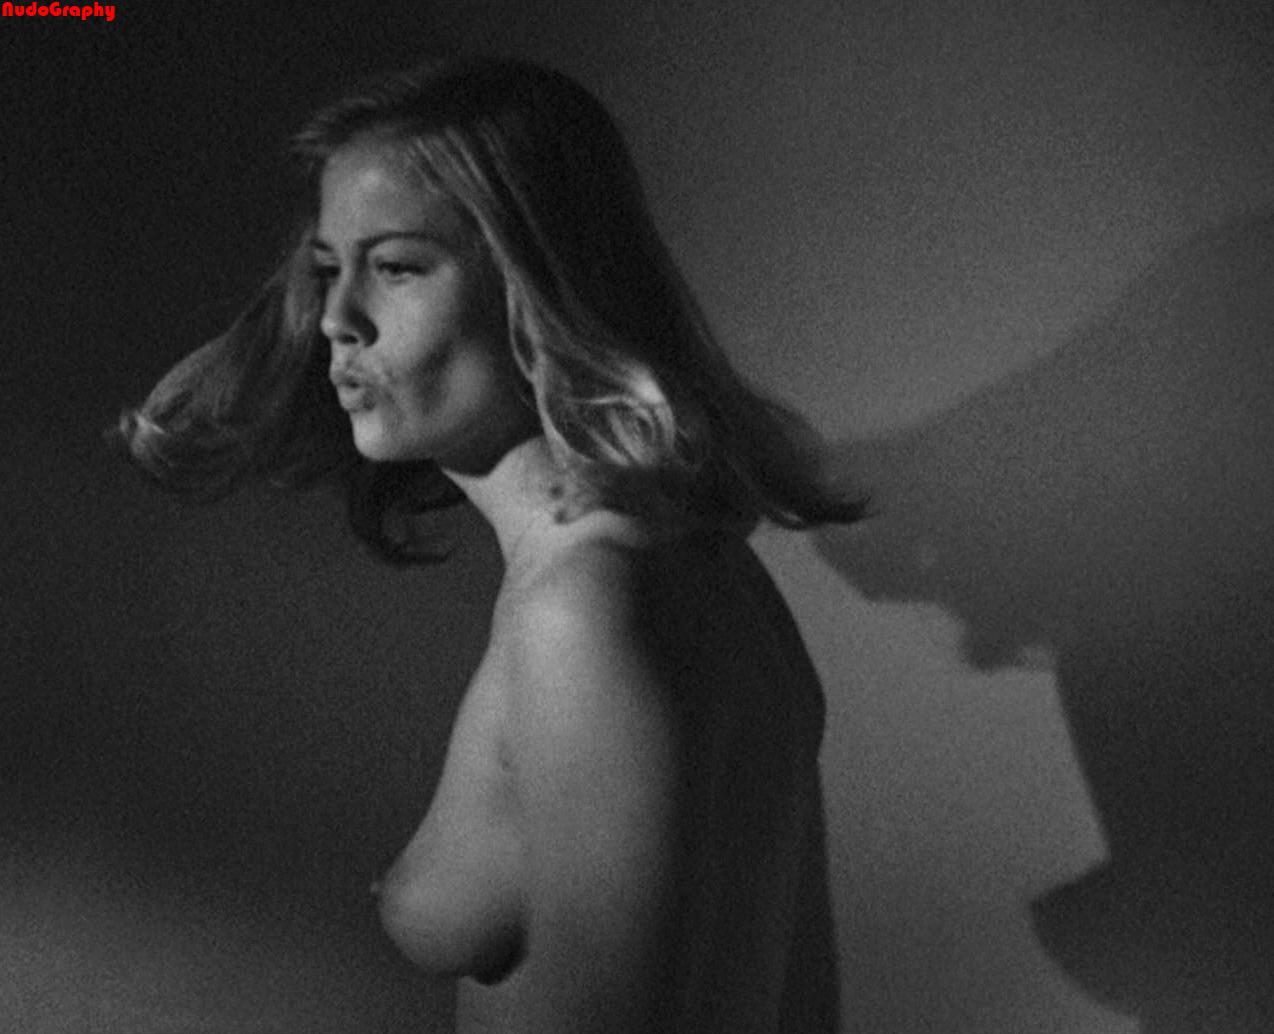 Hot blonde nude